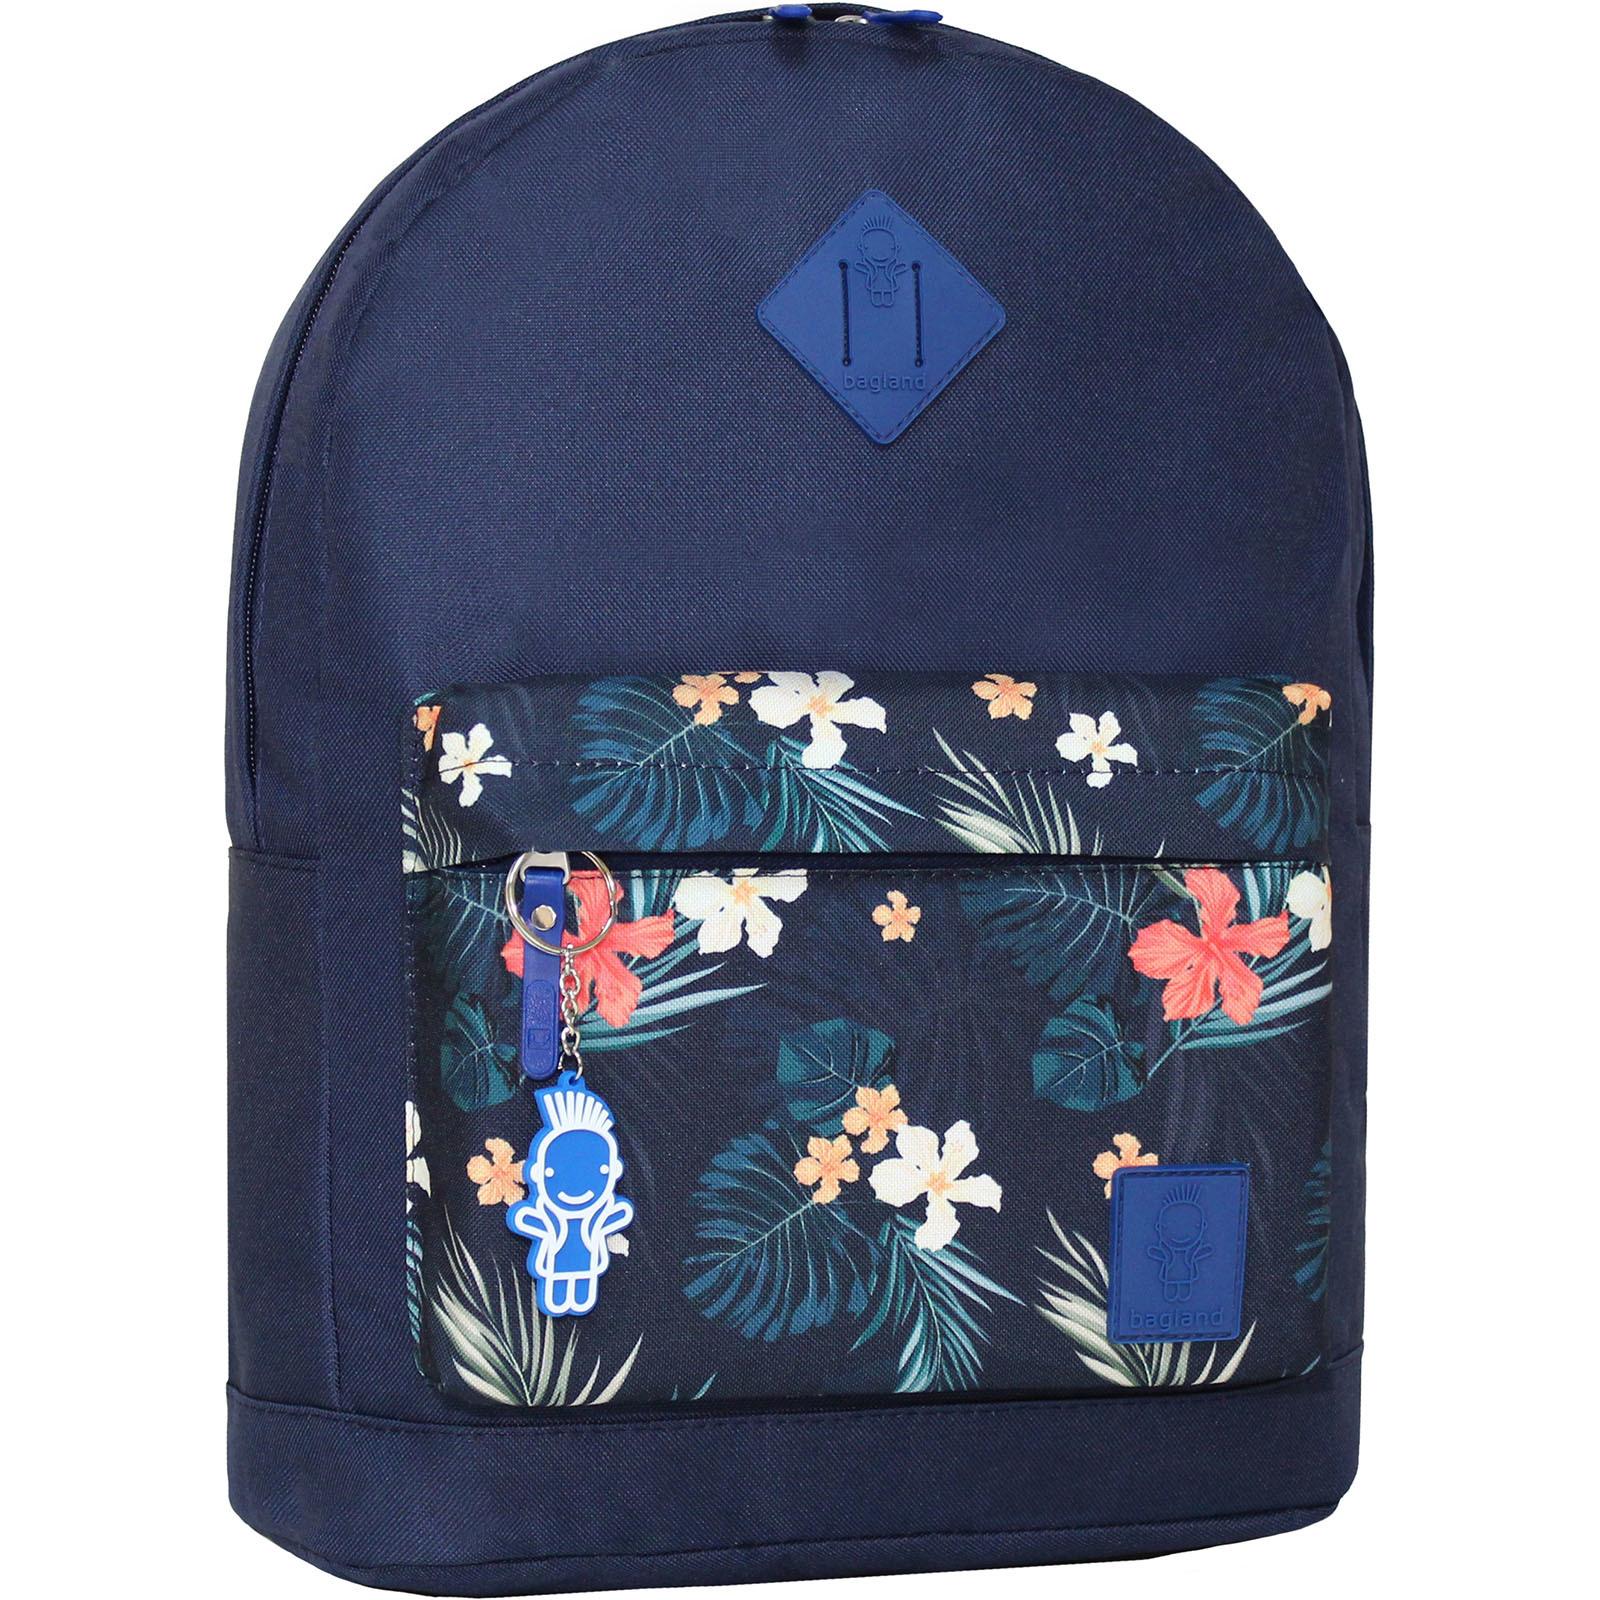 Городские рюкзаки Рюкзак Bagland Молодежный W/R 17 л. 330 чорнильний 103 (00533662) IMG_5967.JPG